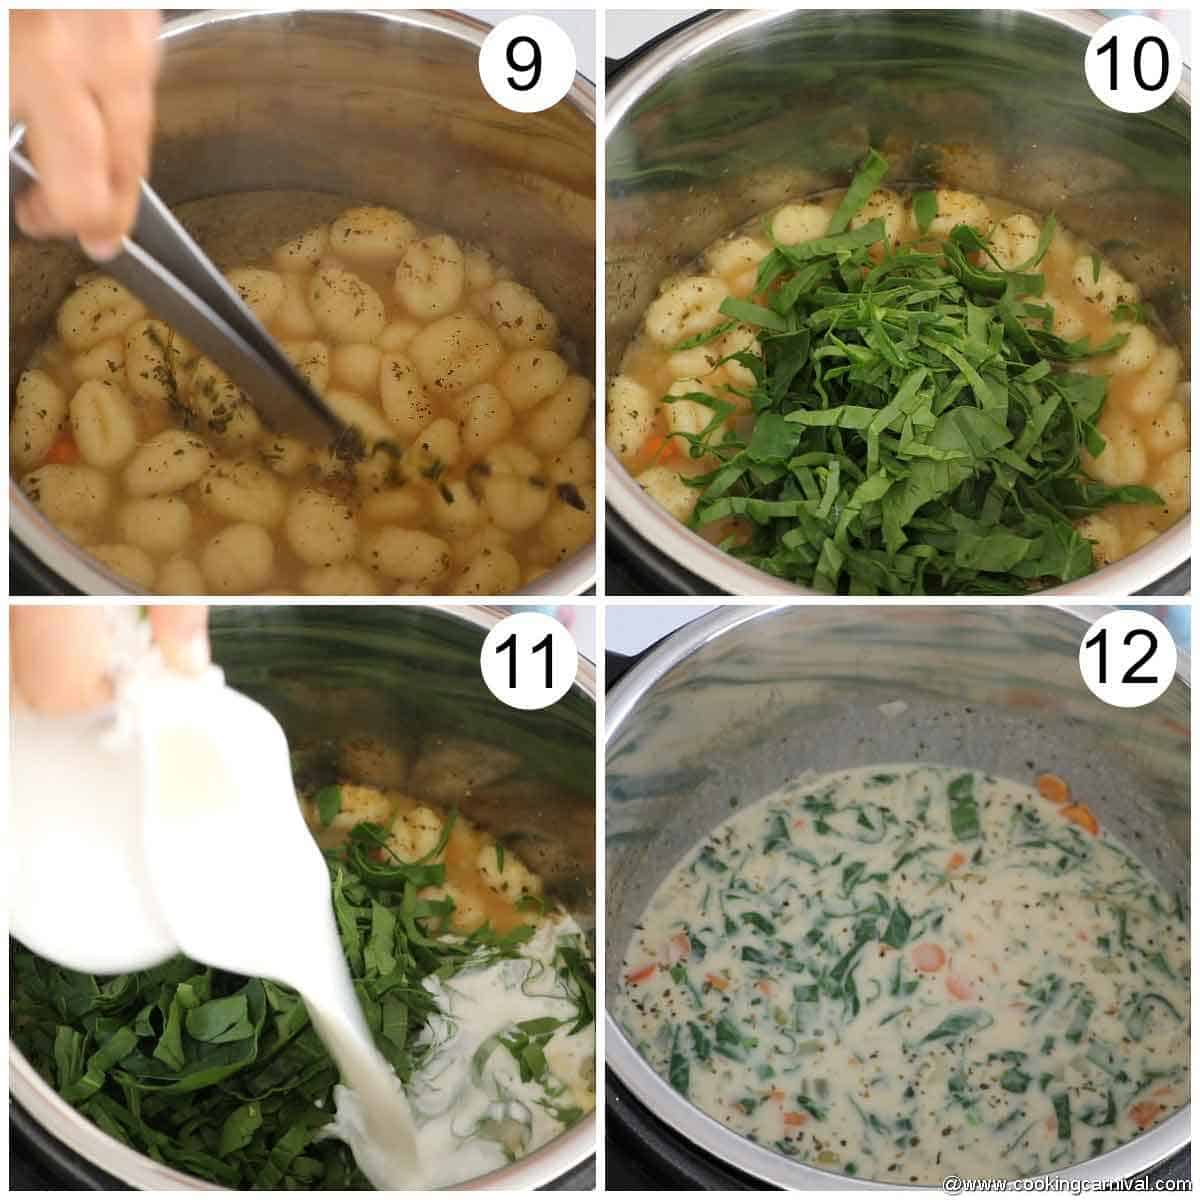 adding spinach and cream in gnocchi soup